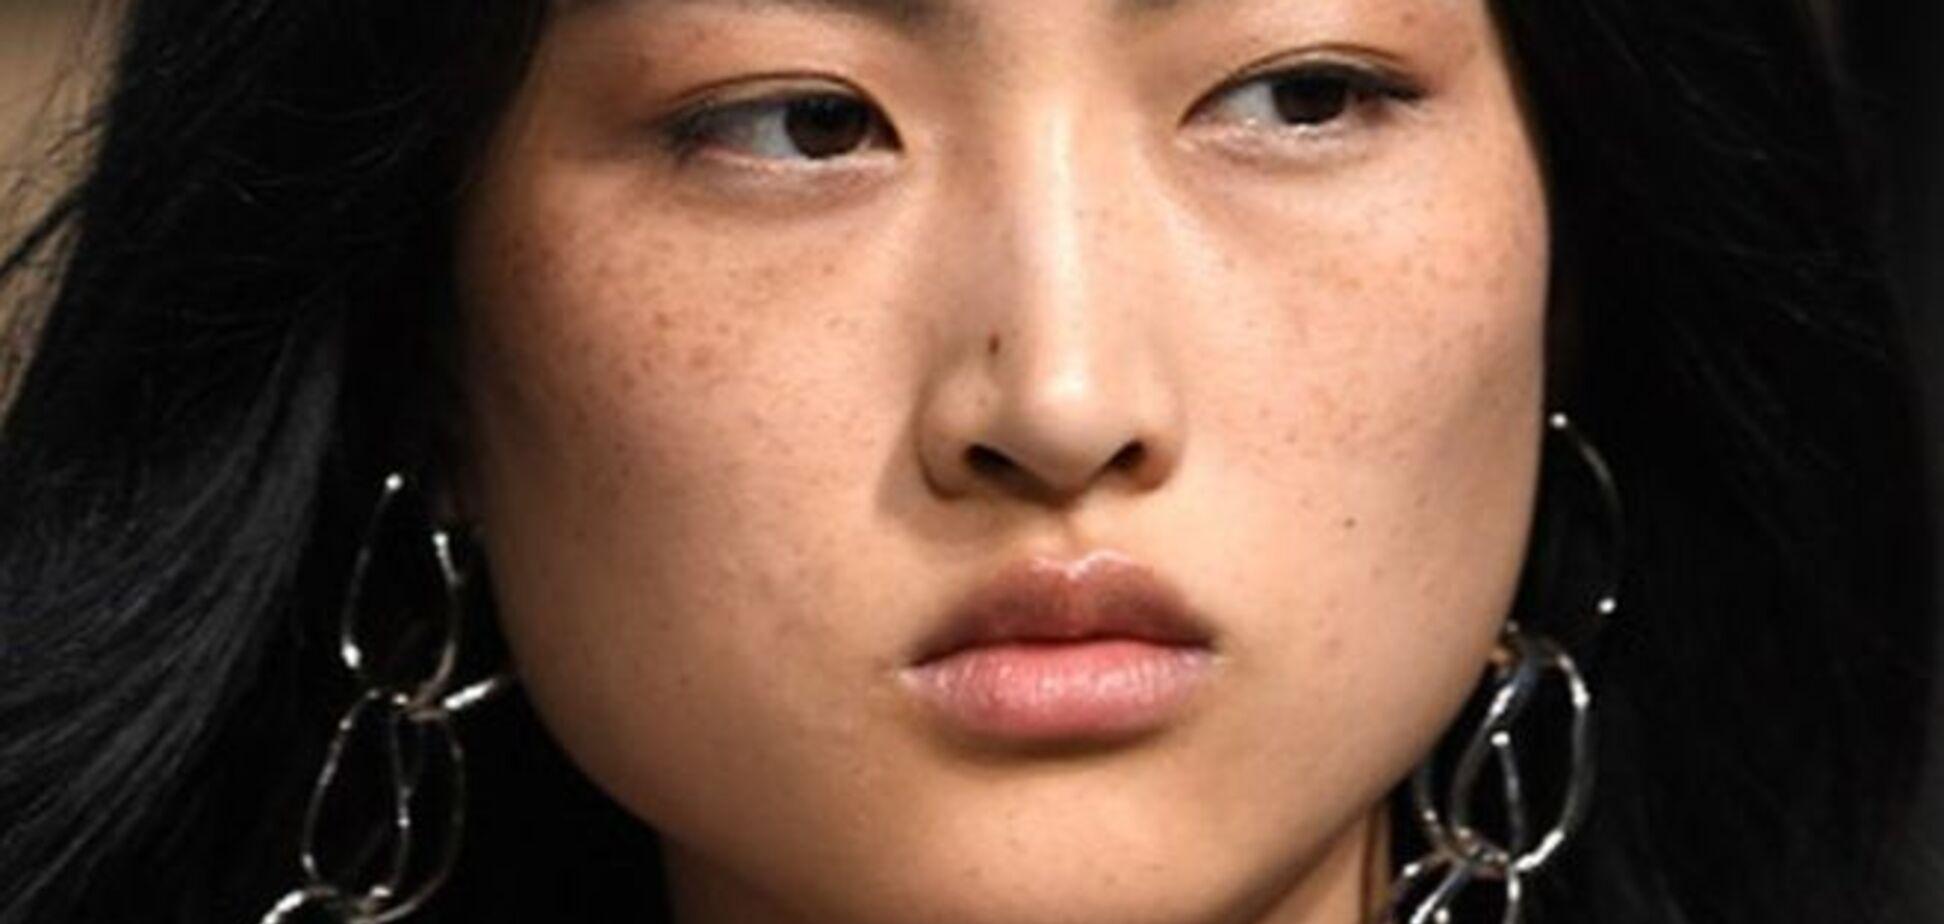 'Вони потворні!' Zara потрапив у скандал через китайську модель з веснянками